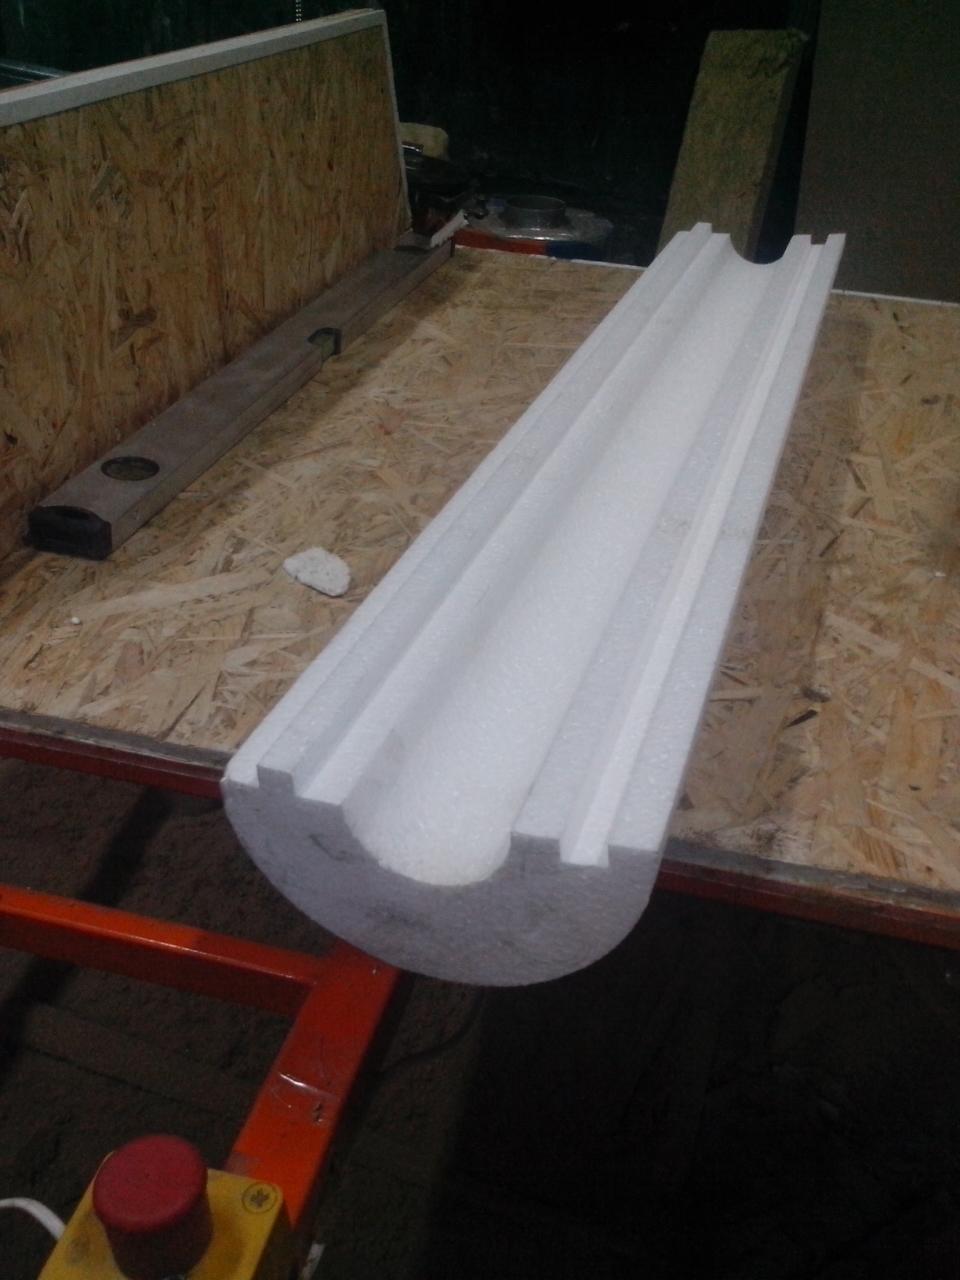 Утеплитель из пенопласта (пенополистирола) для труб Ø 38 мм толщиной 90 мм